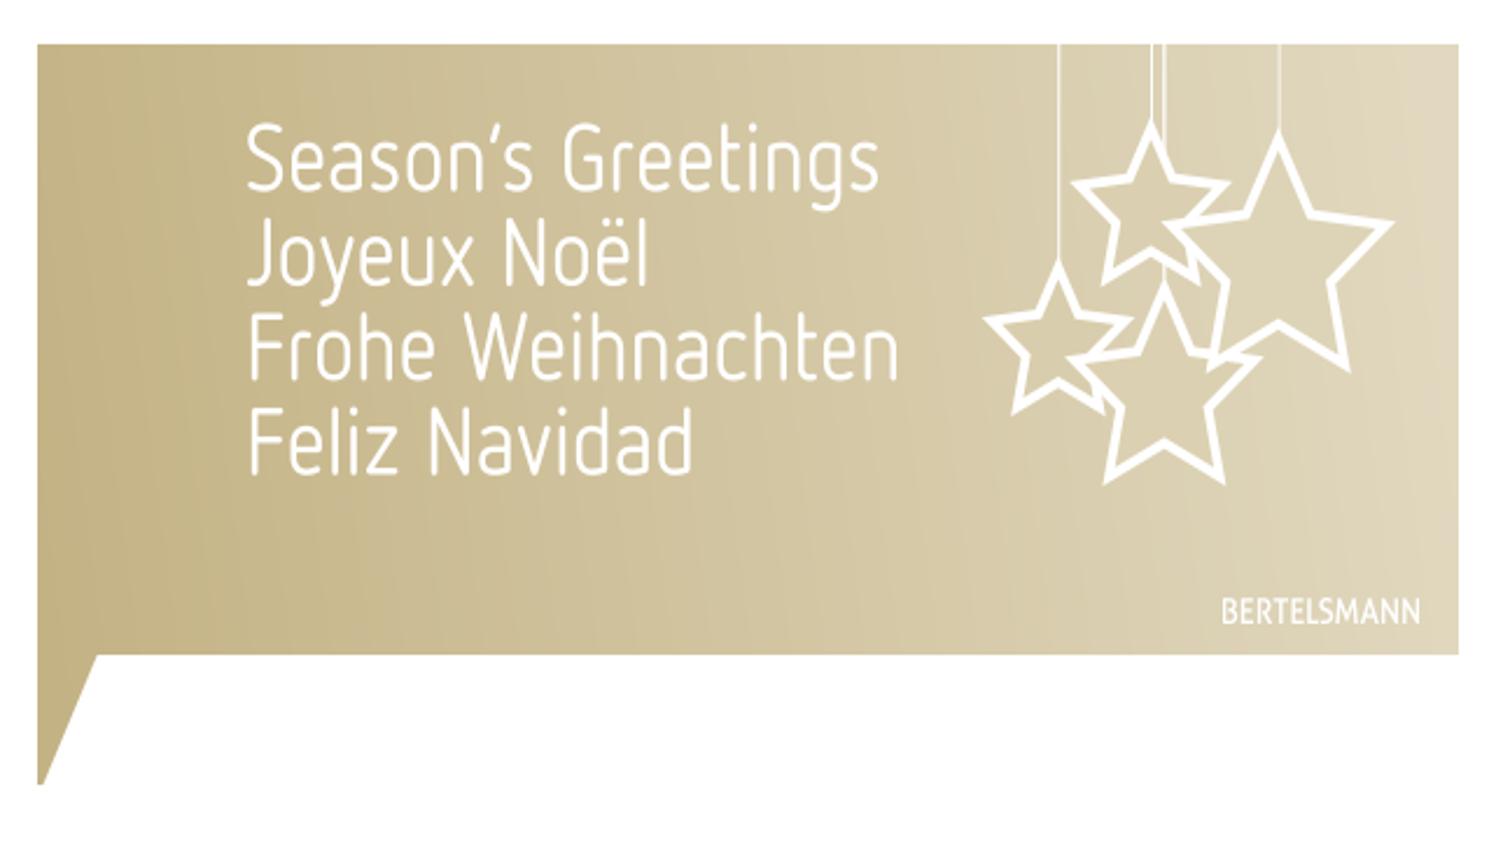 Wir Wünschen Ihnen Frohe Weihnachten Und Ein Glückliches Neues Jahr.Frohe Weihnachten Und Ein Glückliches Neues Jahr Bertelsmann Se